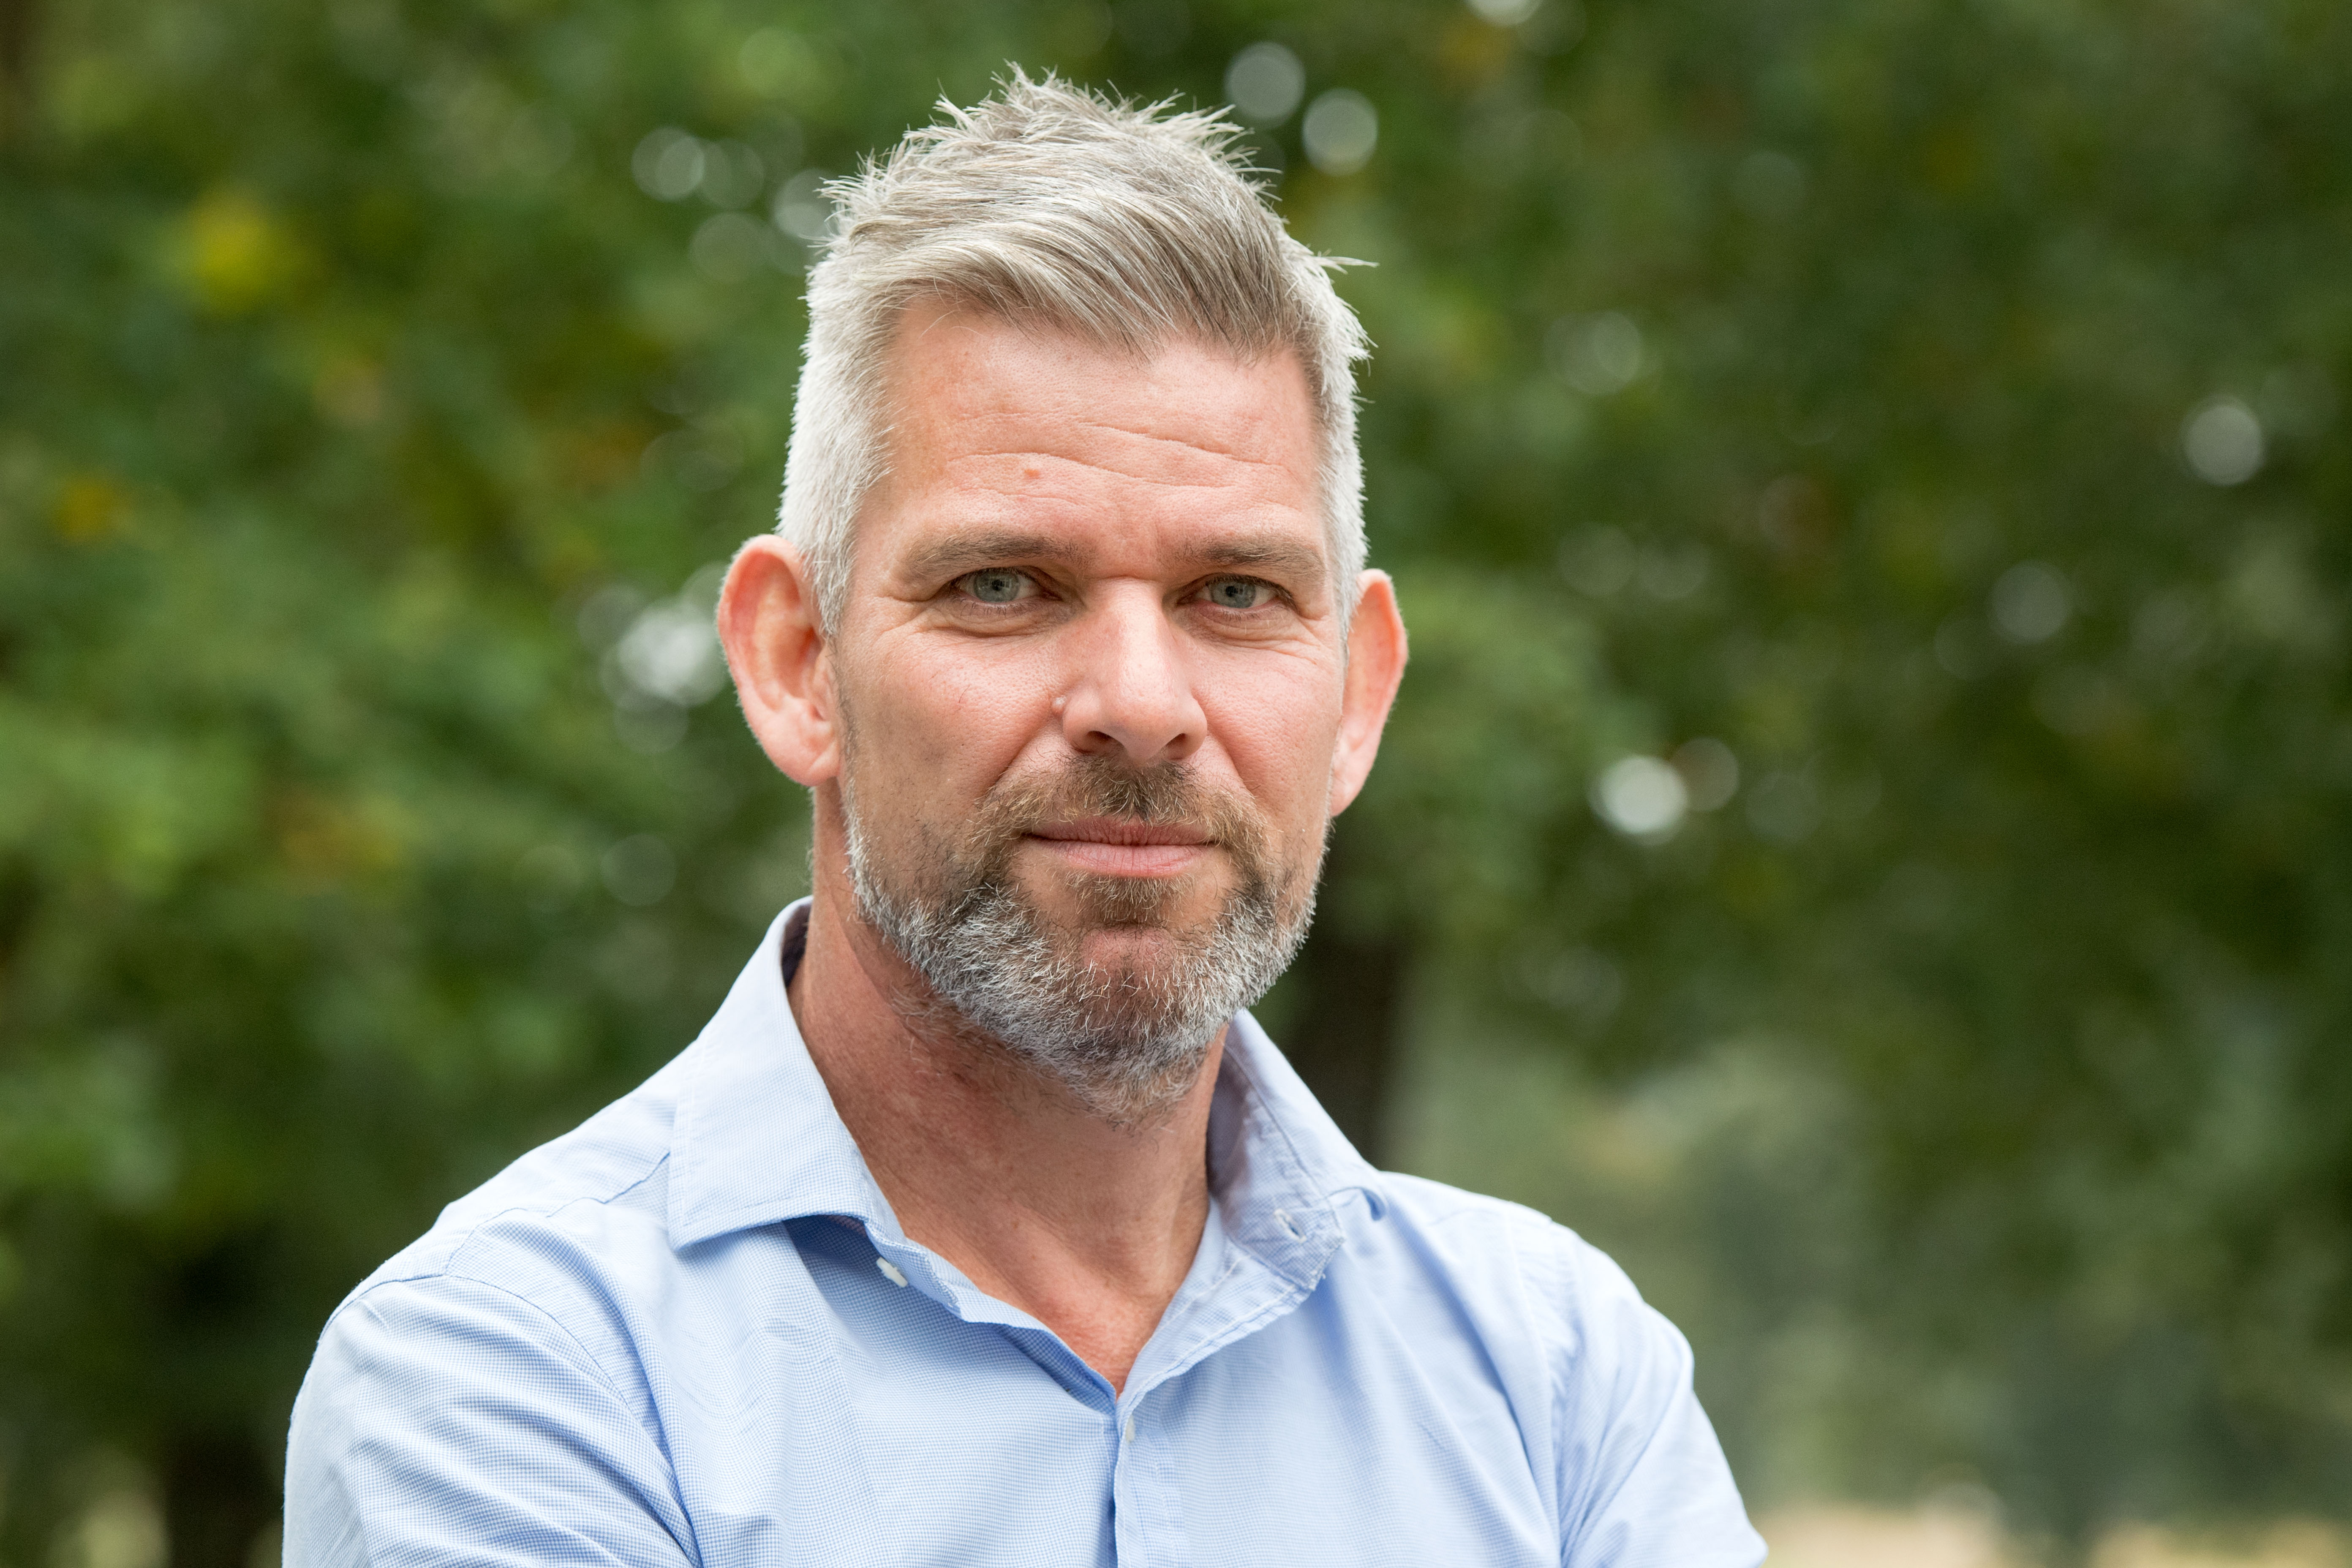 Bart van Vlijmen, PhD